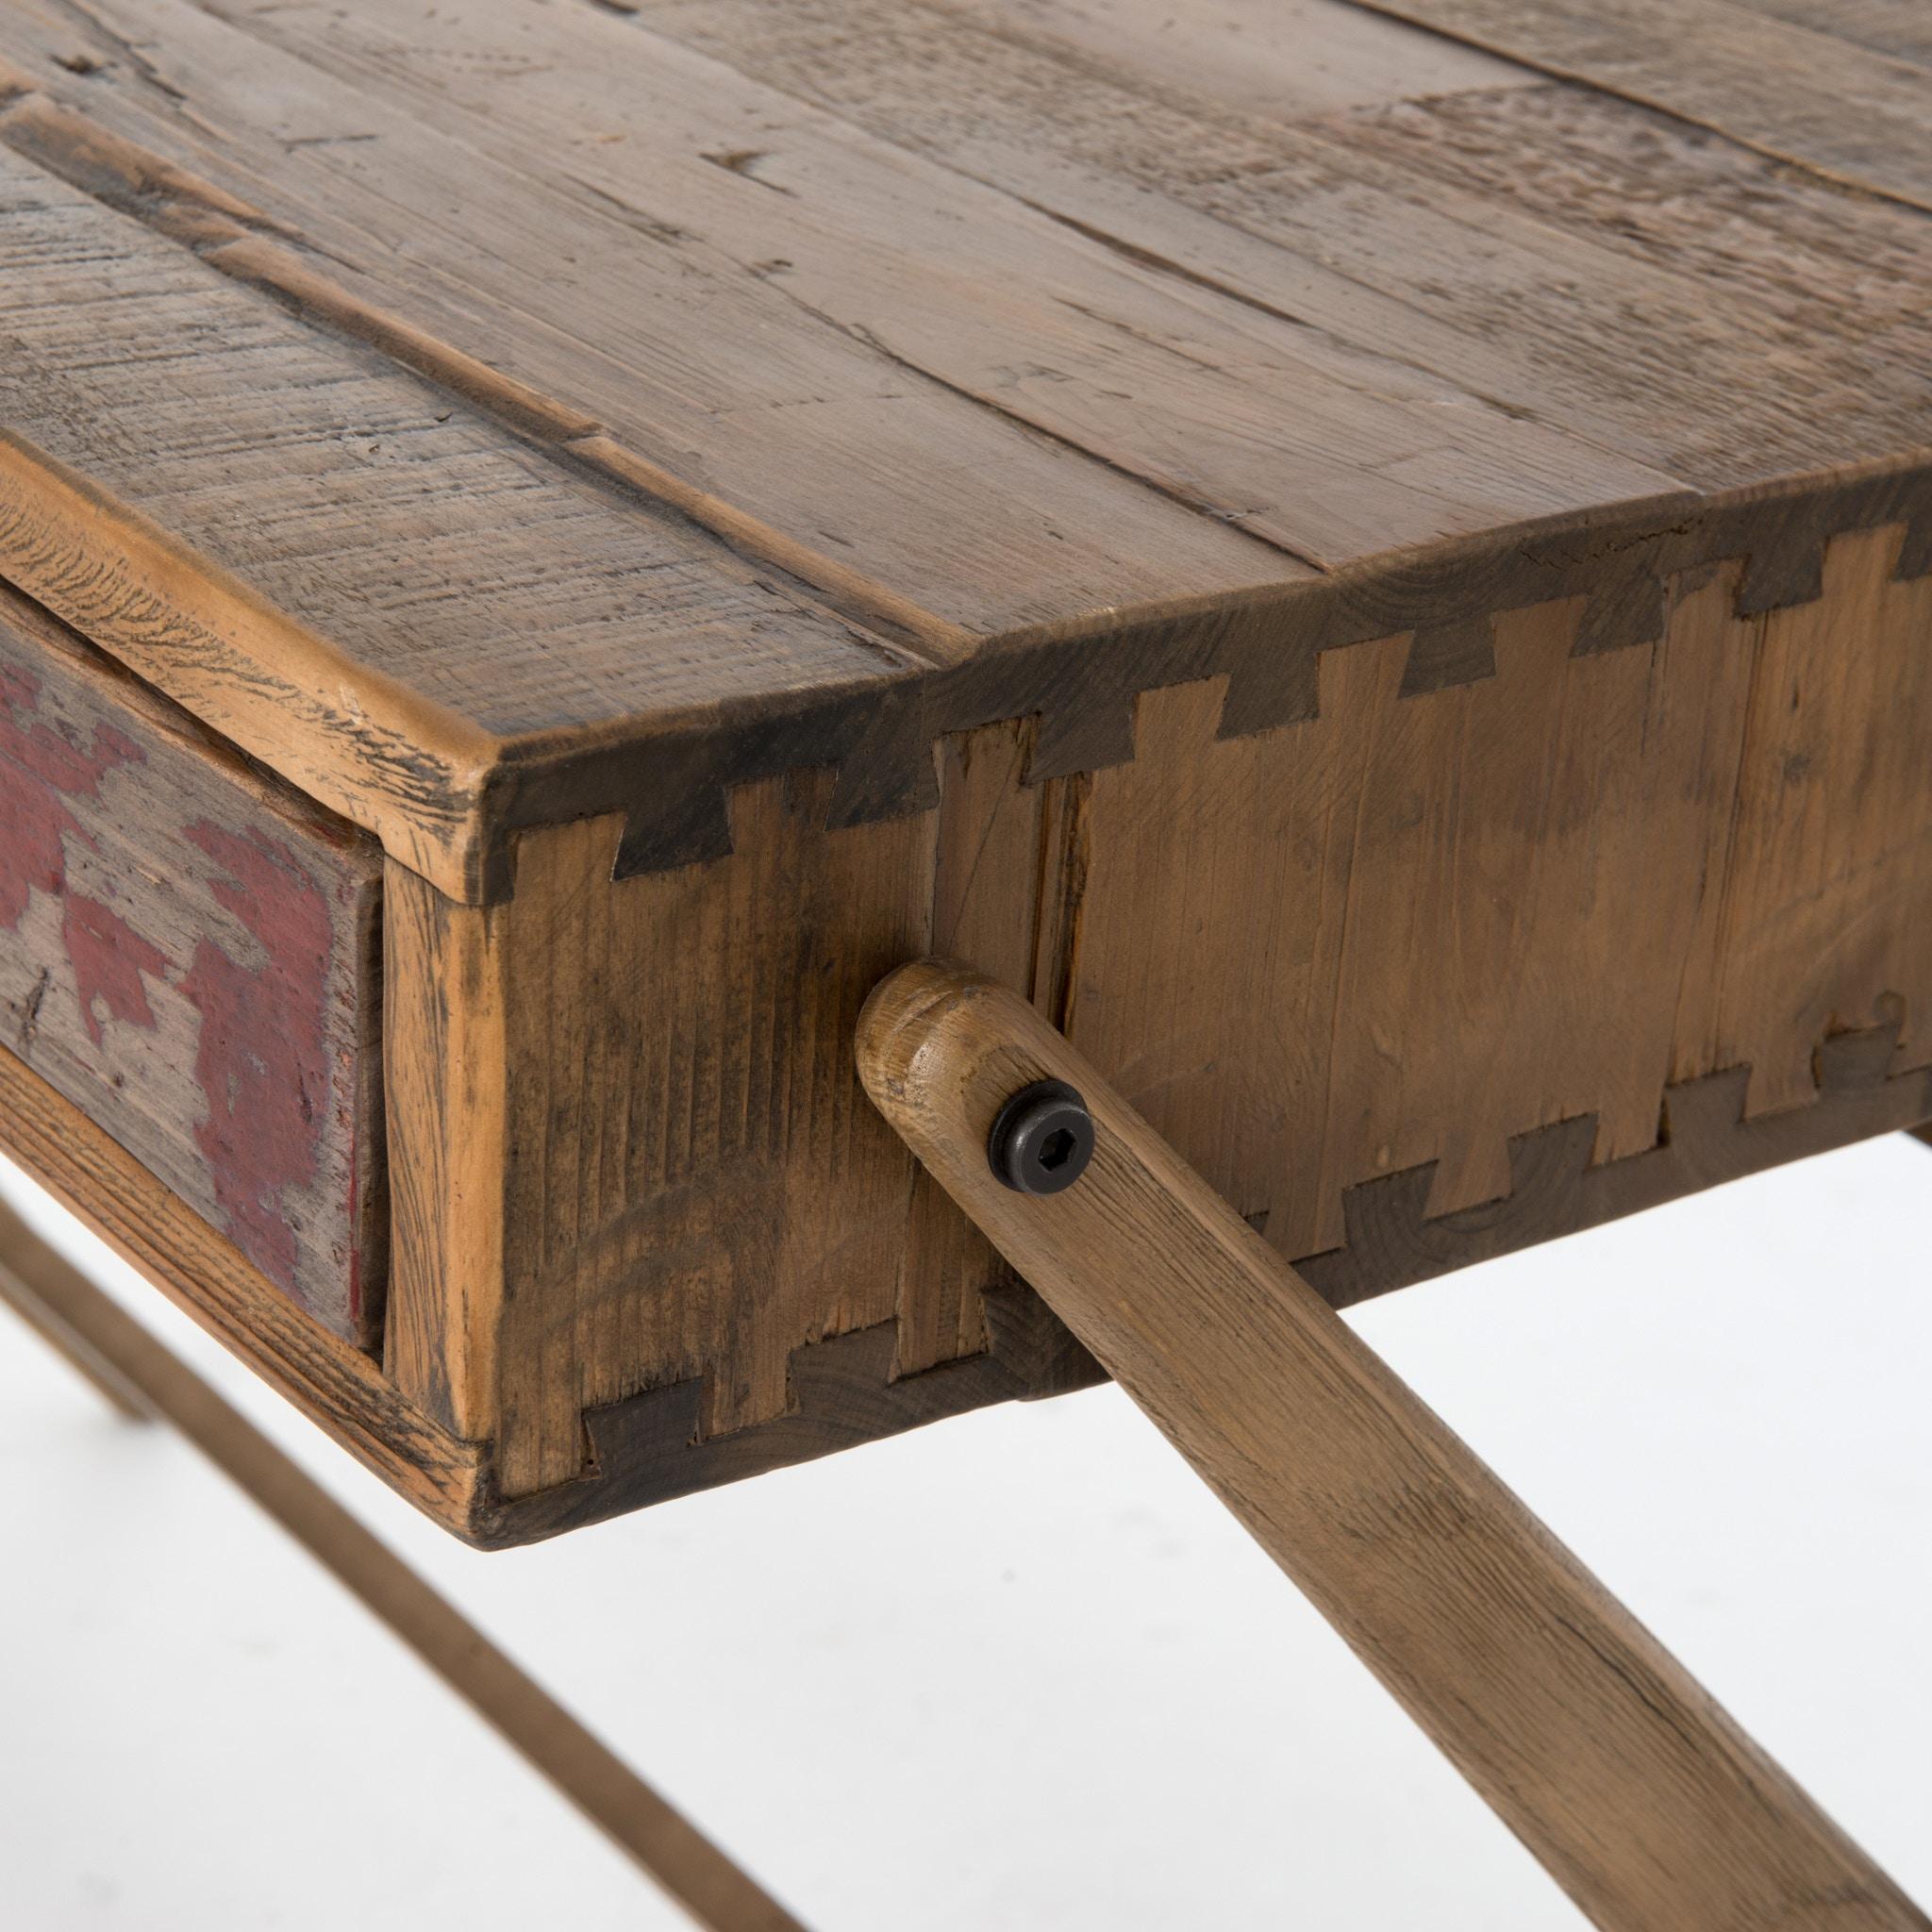 Four Hands Furniture Danny Pencil Desk Bleached Pine Aged Oak CIMP 4F